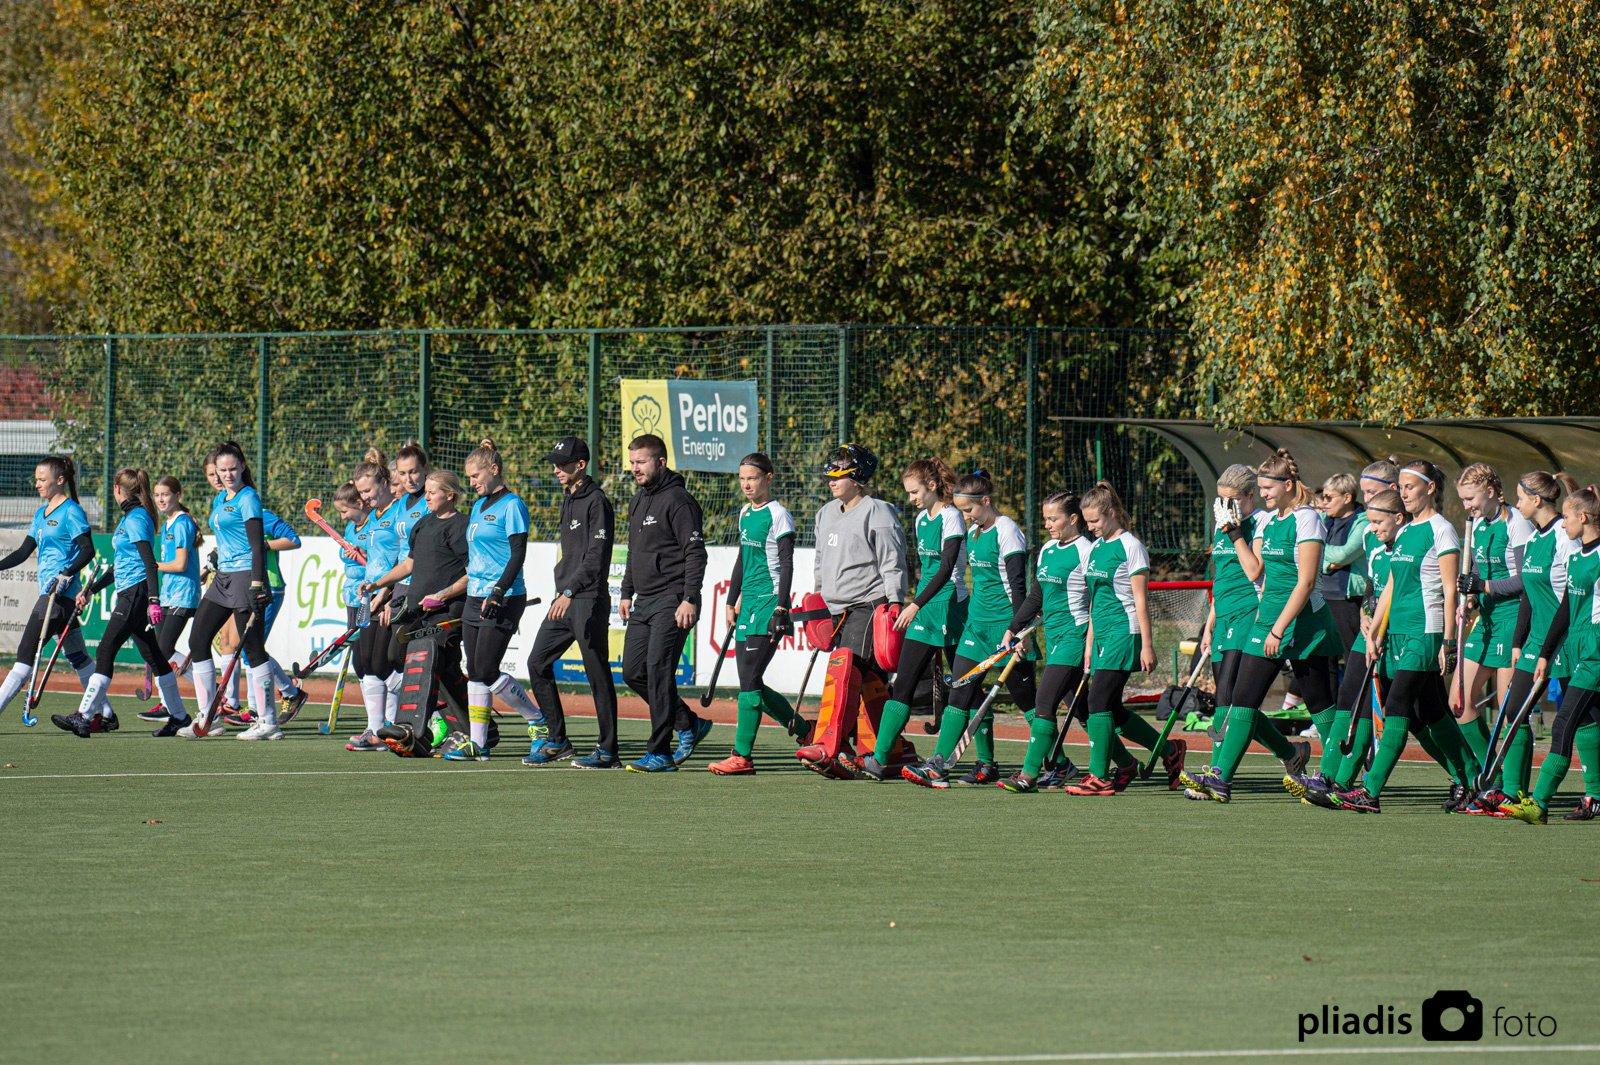 Pergalingas Širvintų moterų ir vyrų žolės riedulio komandų startas